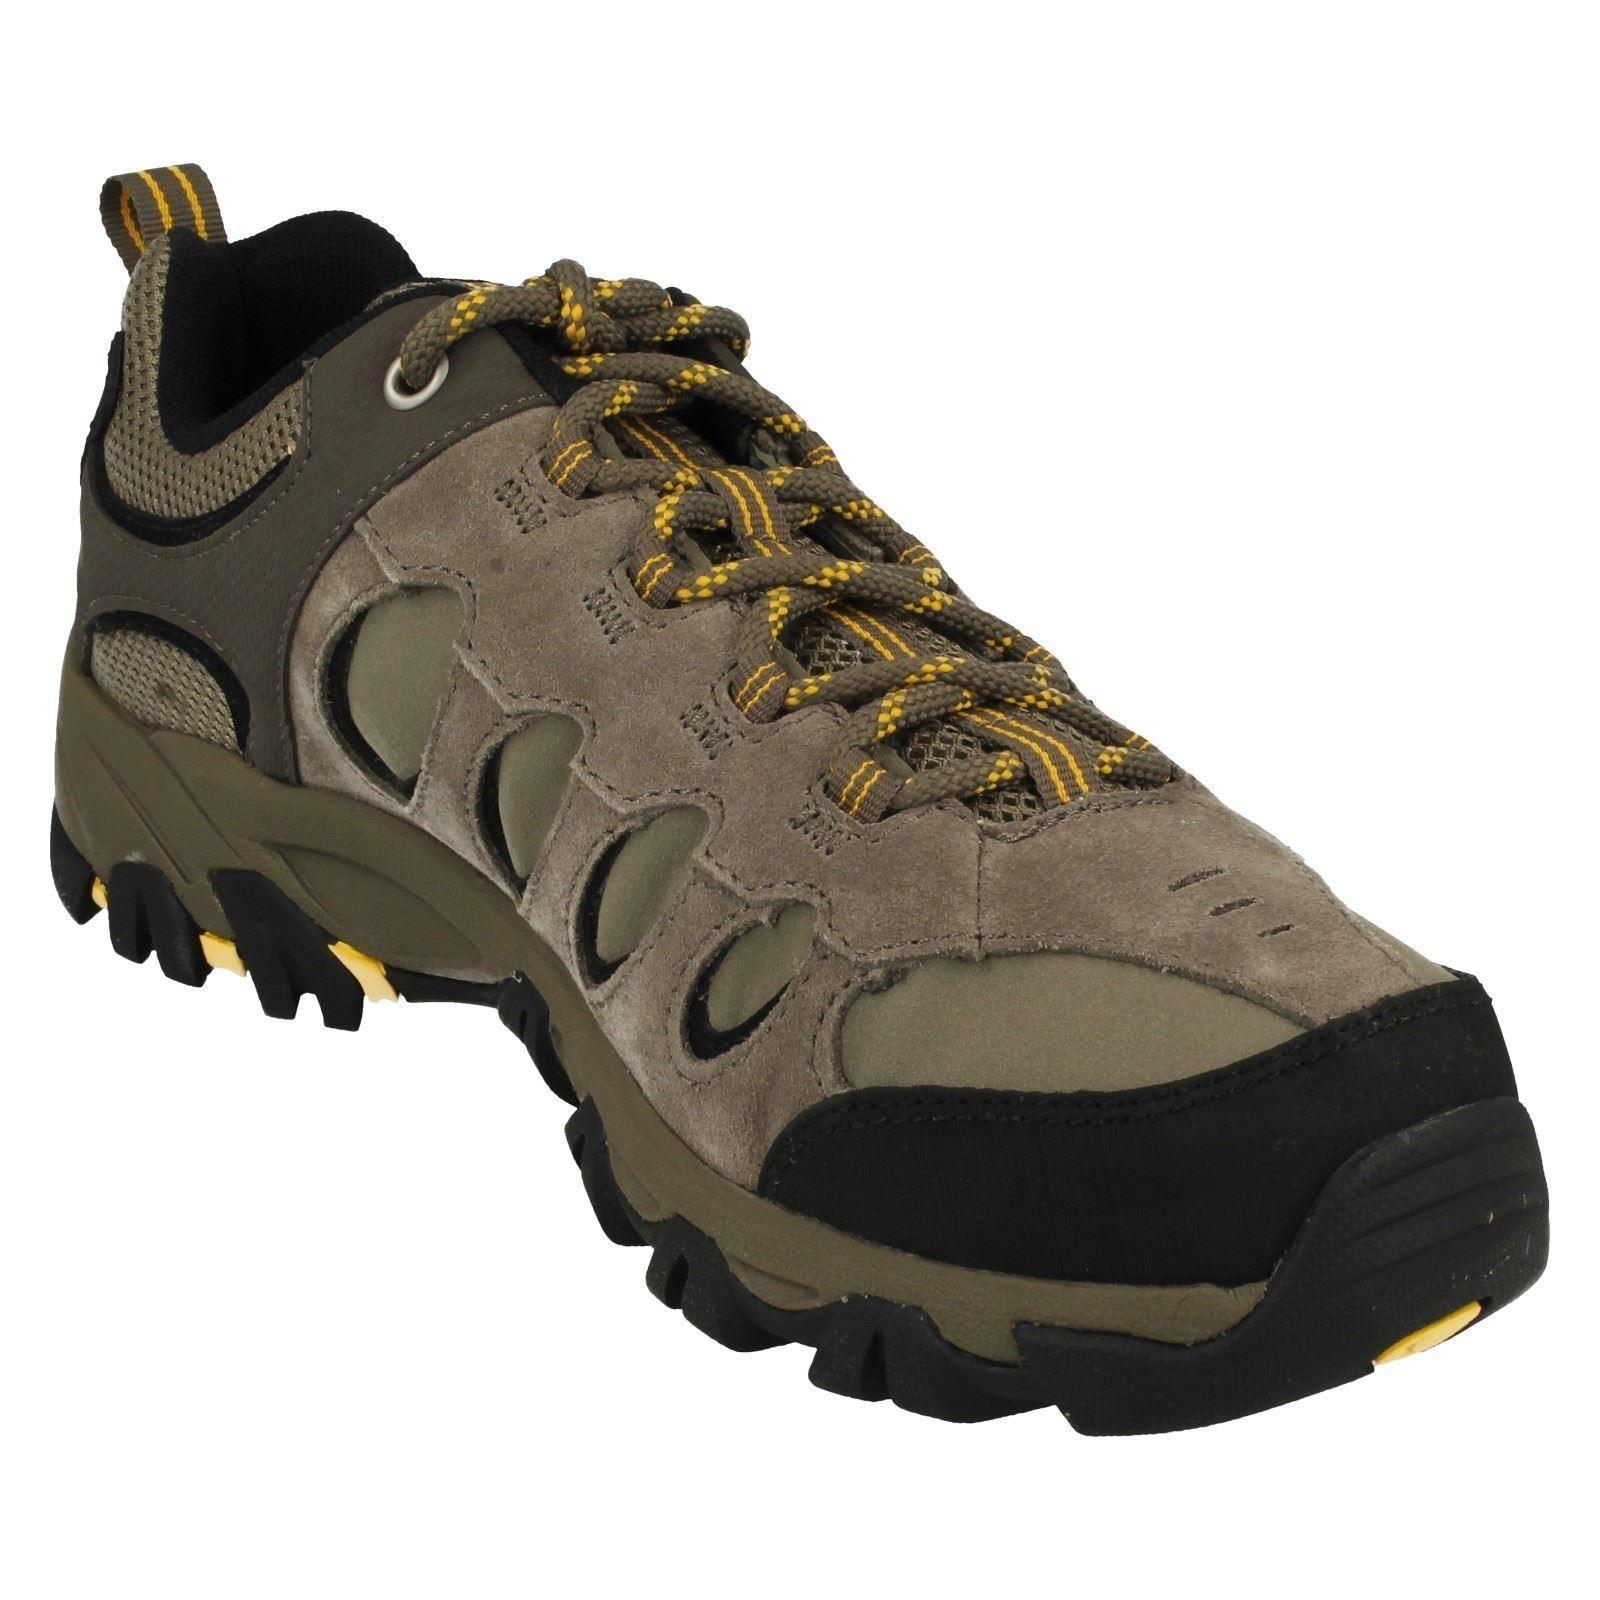 Zapatillas para hombre Merrell Caminar Senderismo Estilo-ridgepass Estilo-ridgepass Estilo-ridgepass Perno c05041